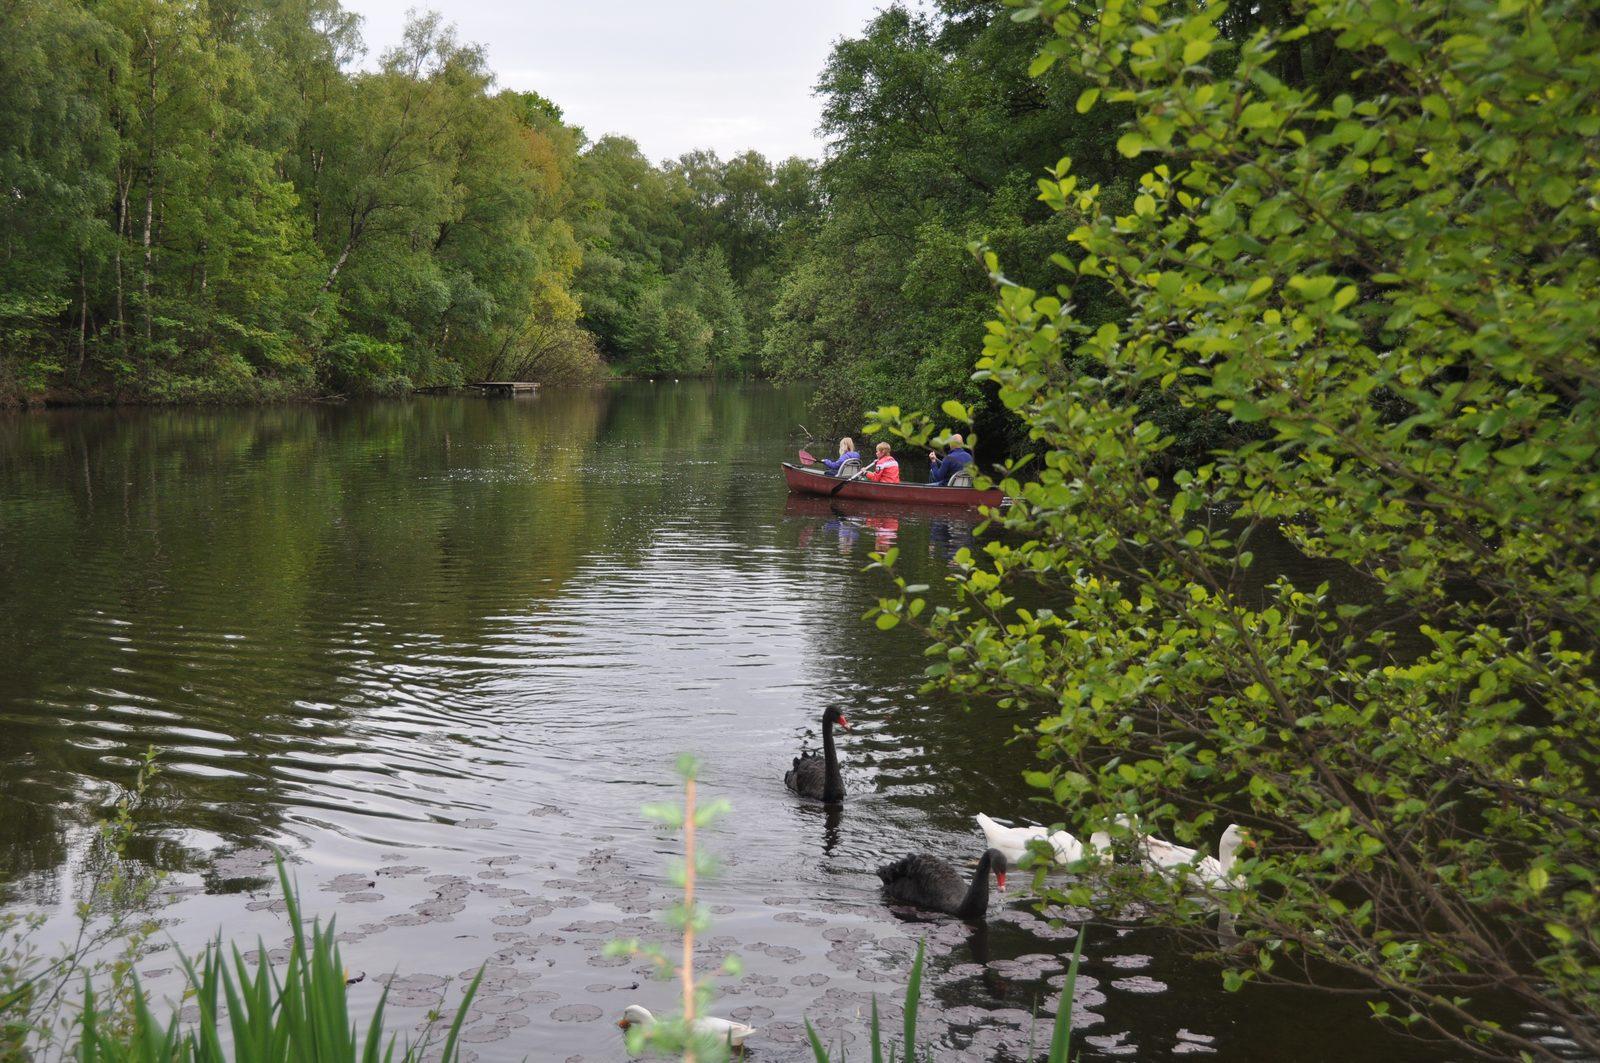 Nederland, Overijssel, Vechtdal, vakantie, weekendje weg, natuurlijke zwemvijver, vissen